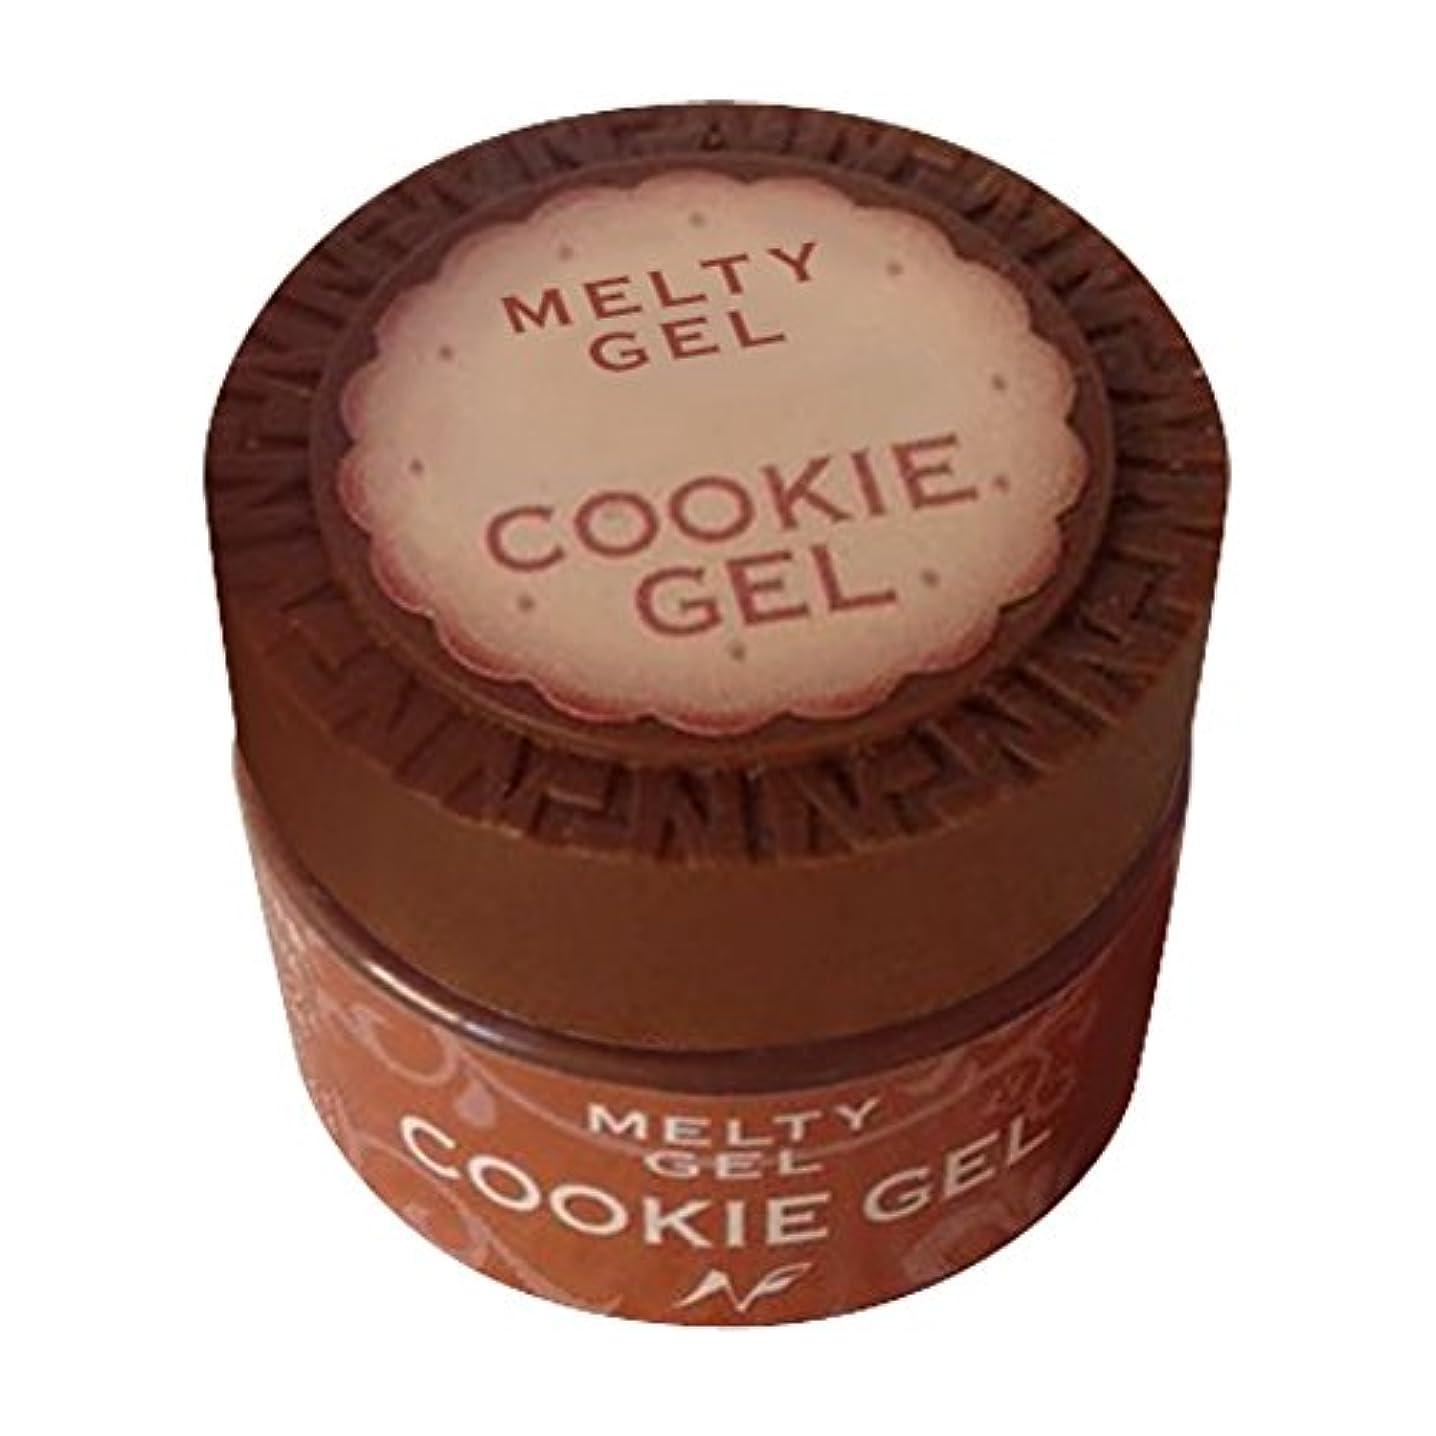 間違っているくすぐったい層Natural Field Melty Gel クッキージェル 3915グレイ 5g